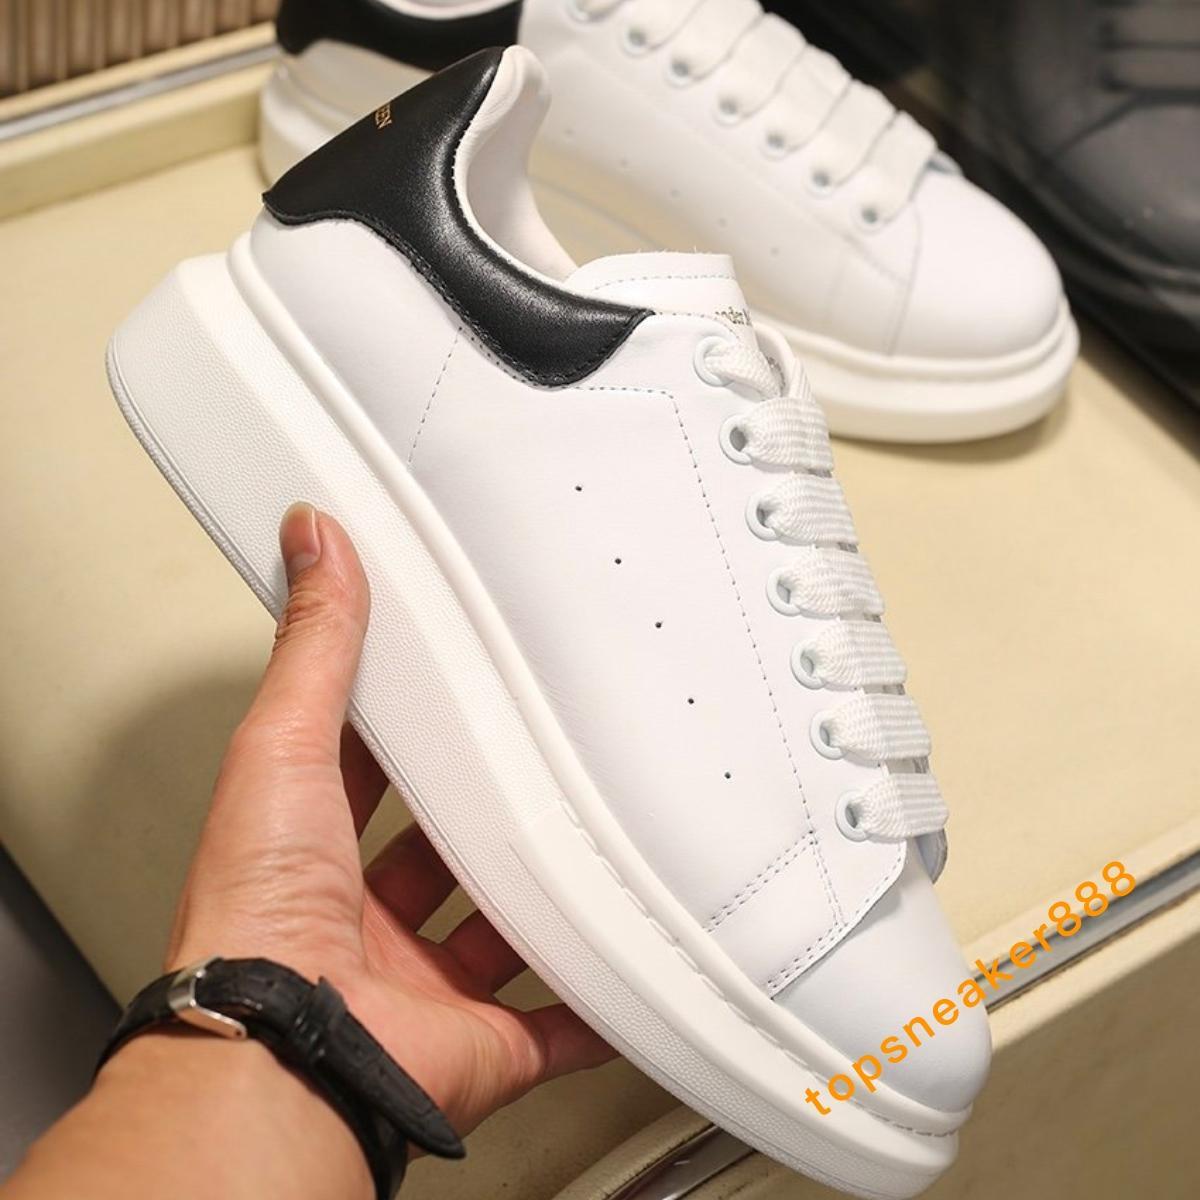 2020 المخمل الأسود رجل إمرأة chaussures أحذية جلدية الدانتيل يصل منصة أبيض أسود عارضة الأحذية مع مربع